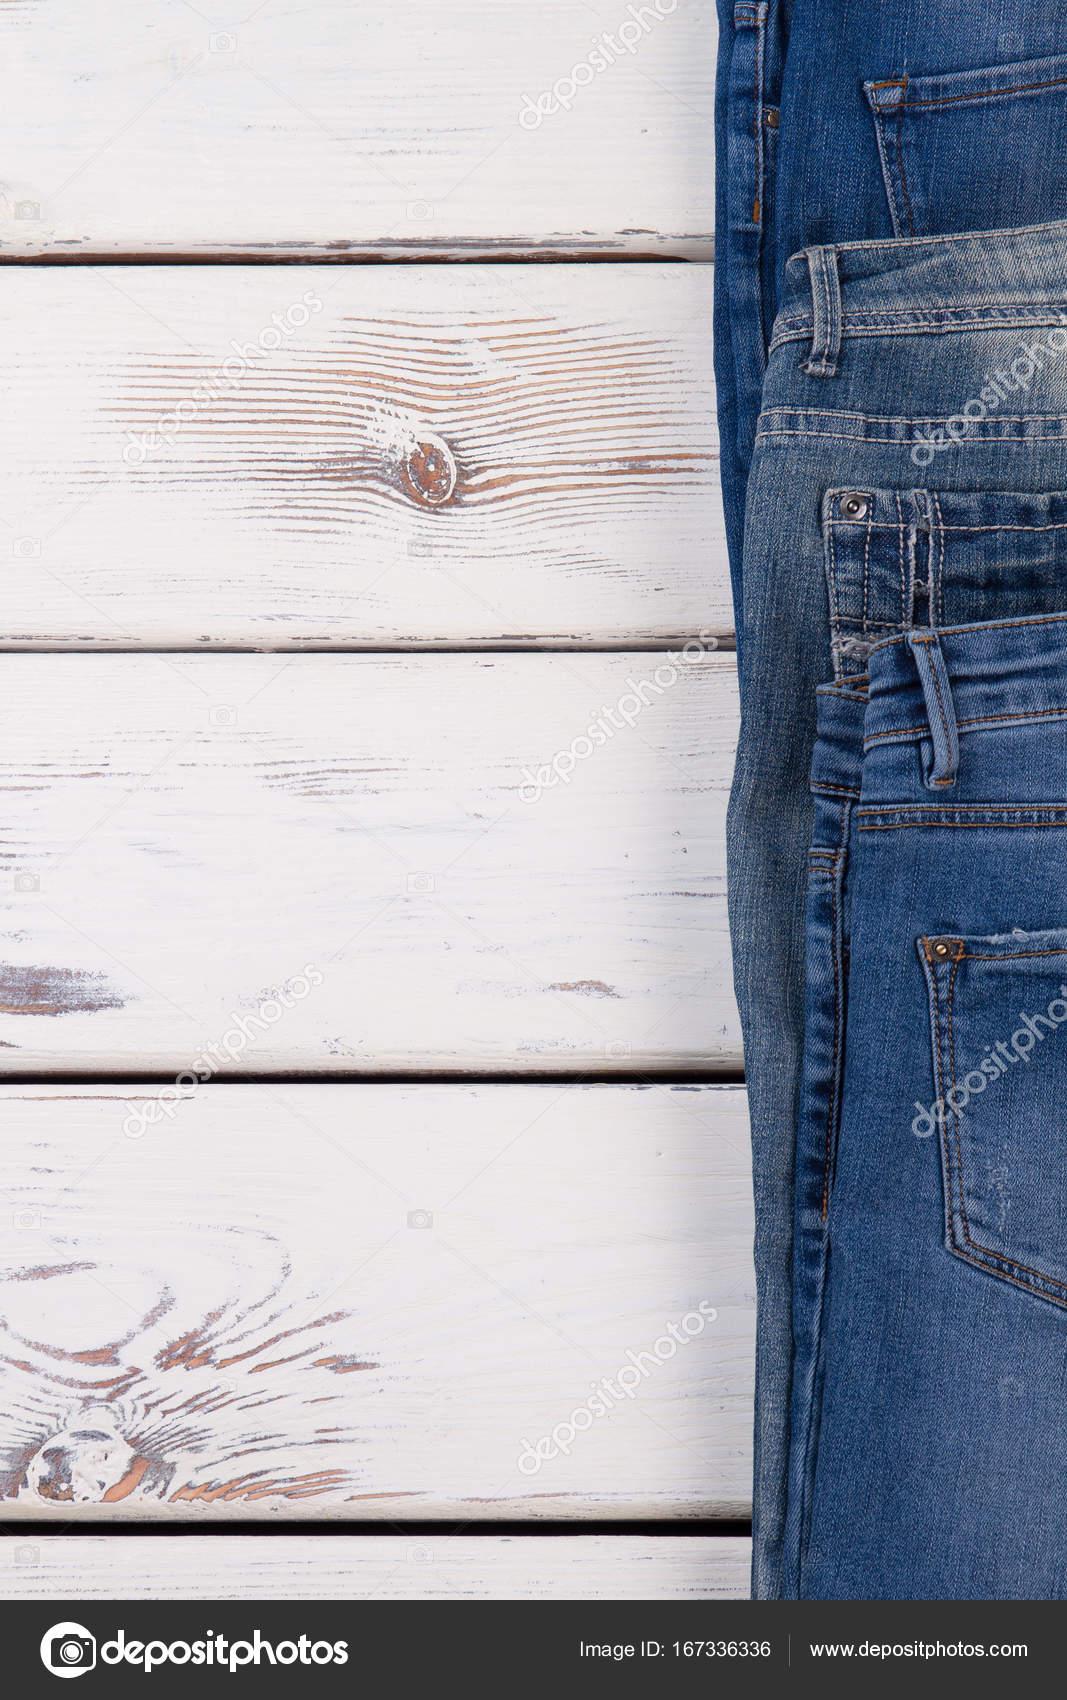 343120ba823 Новая коллекция джинсов на деревянной полке. Идеальный фон для магазина  объявления